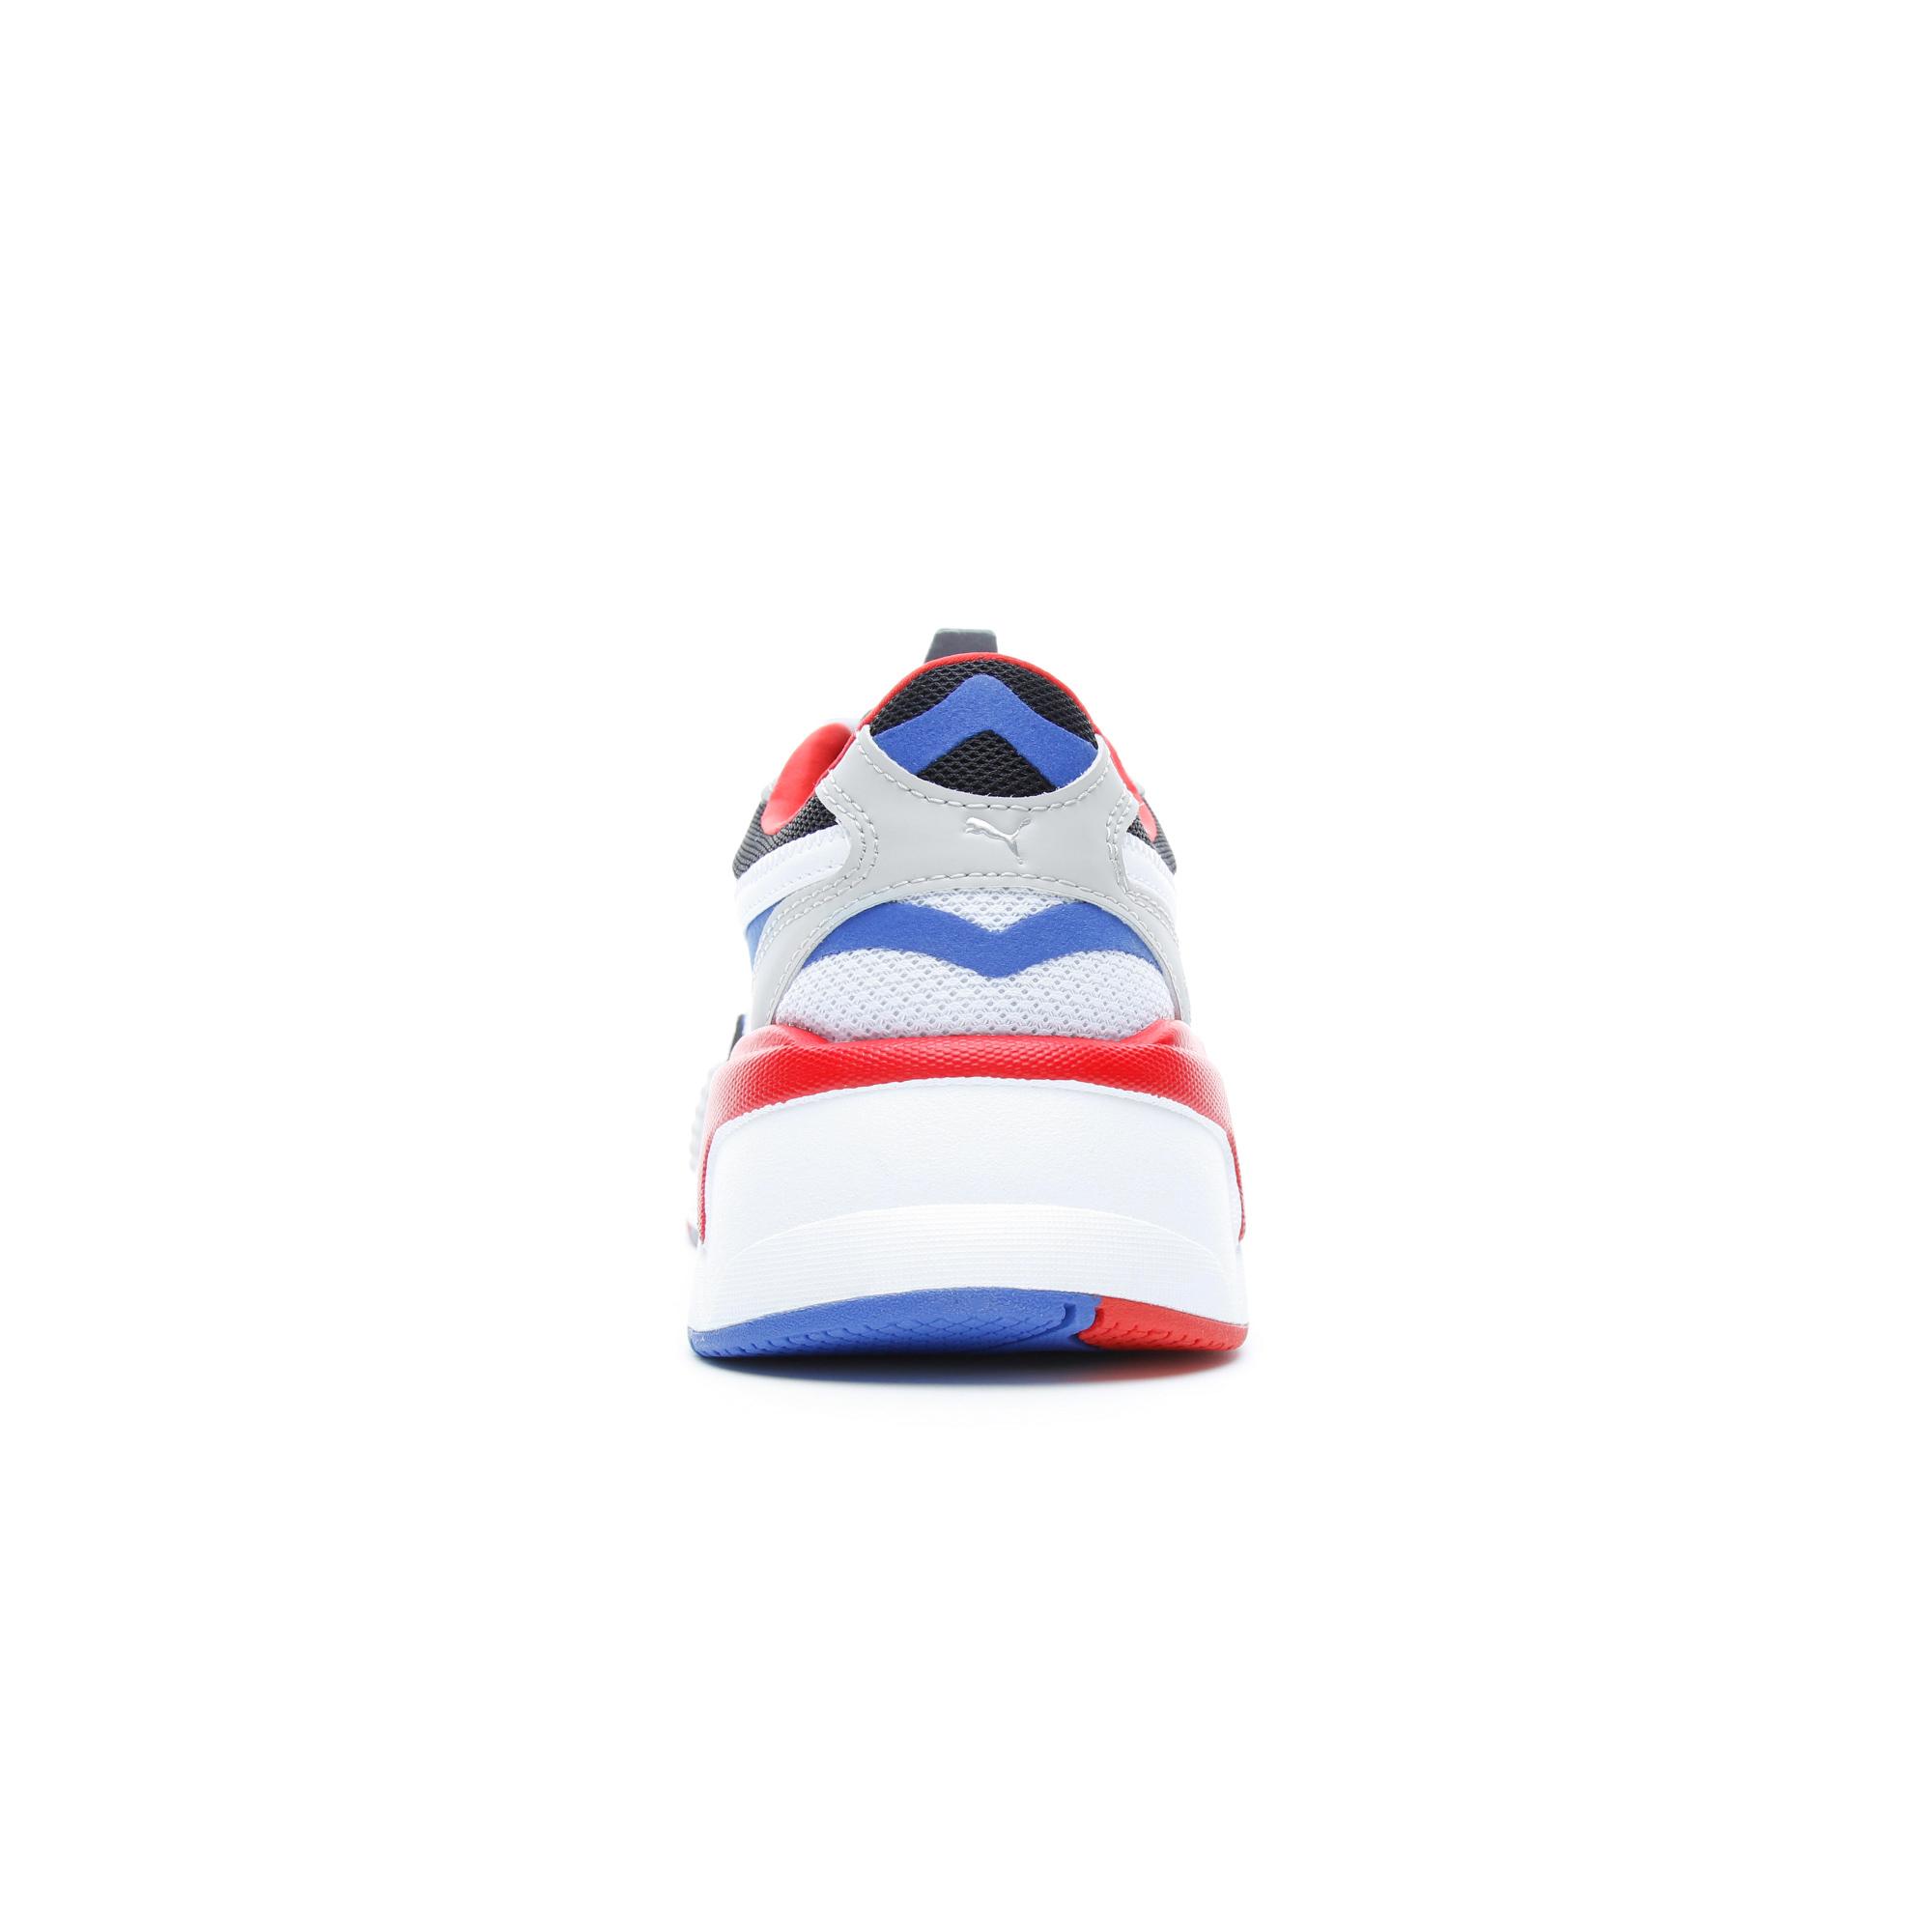 Puma RS-X³ Puzzle Erkek Beyaz-Mavi Spor Ayakkabı